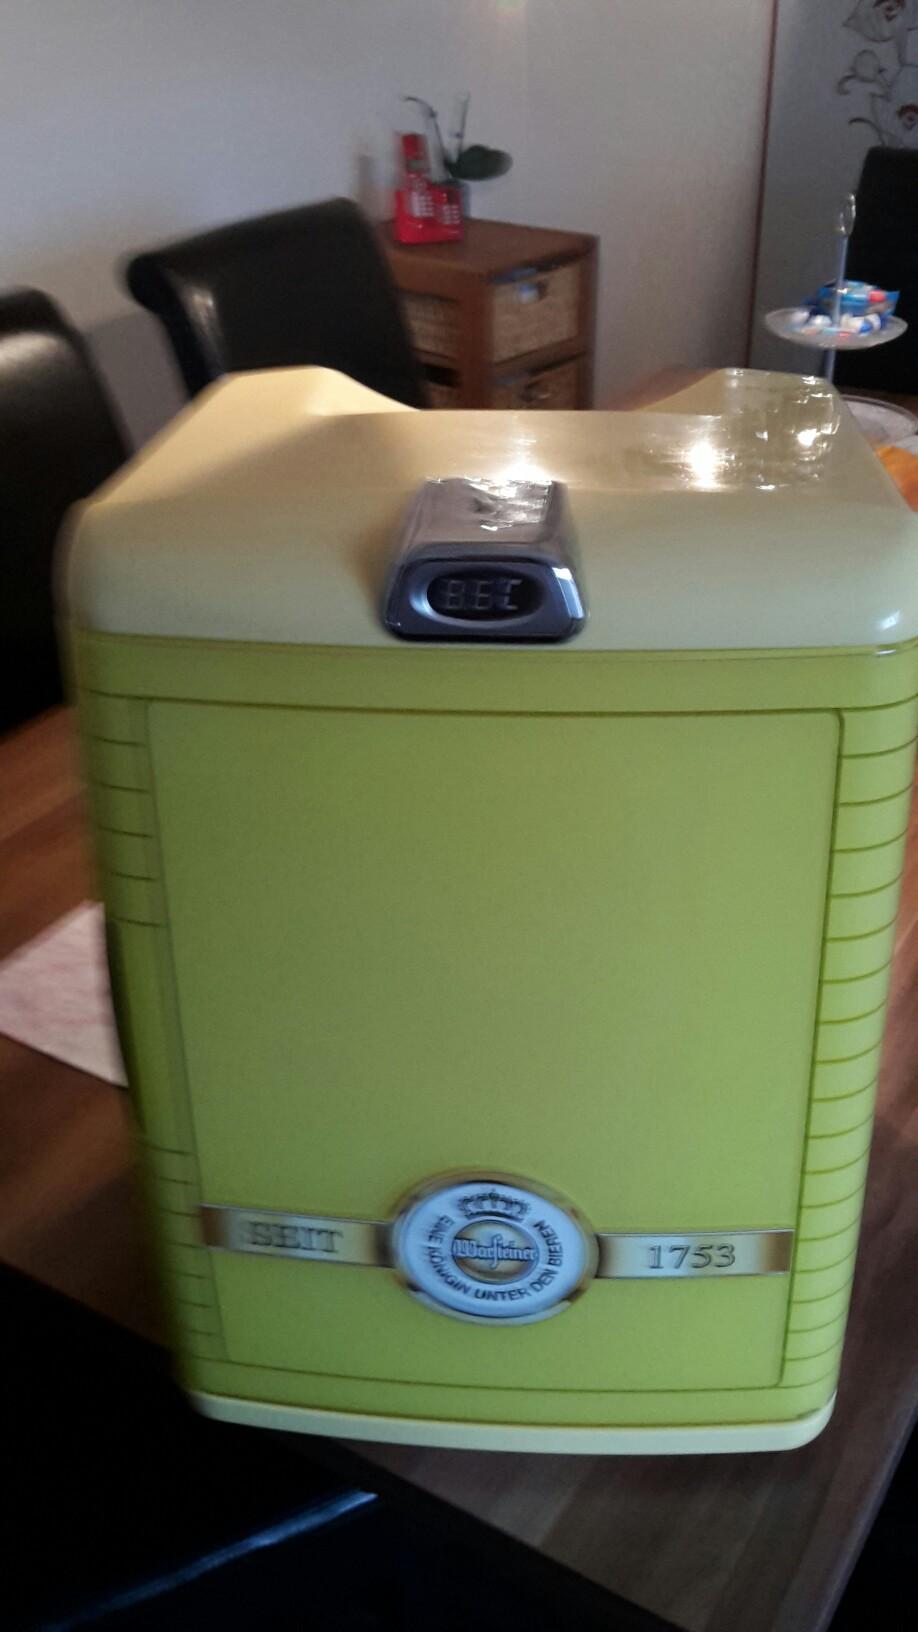 Mini Kühlschrank Warsteiner : Gebraucht warsteiner mini kühlschrank in amberg um u ac